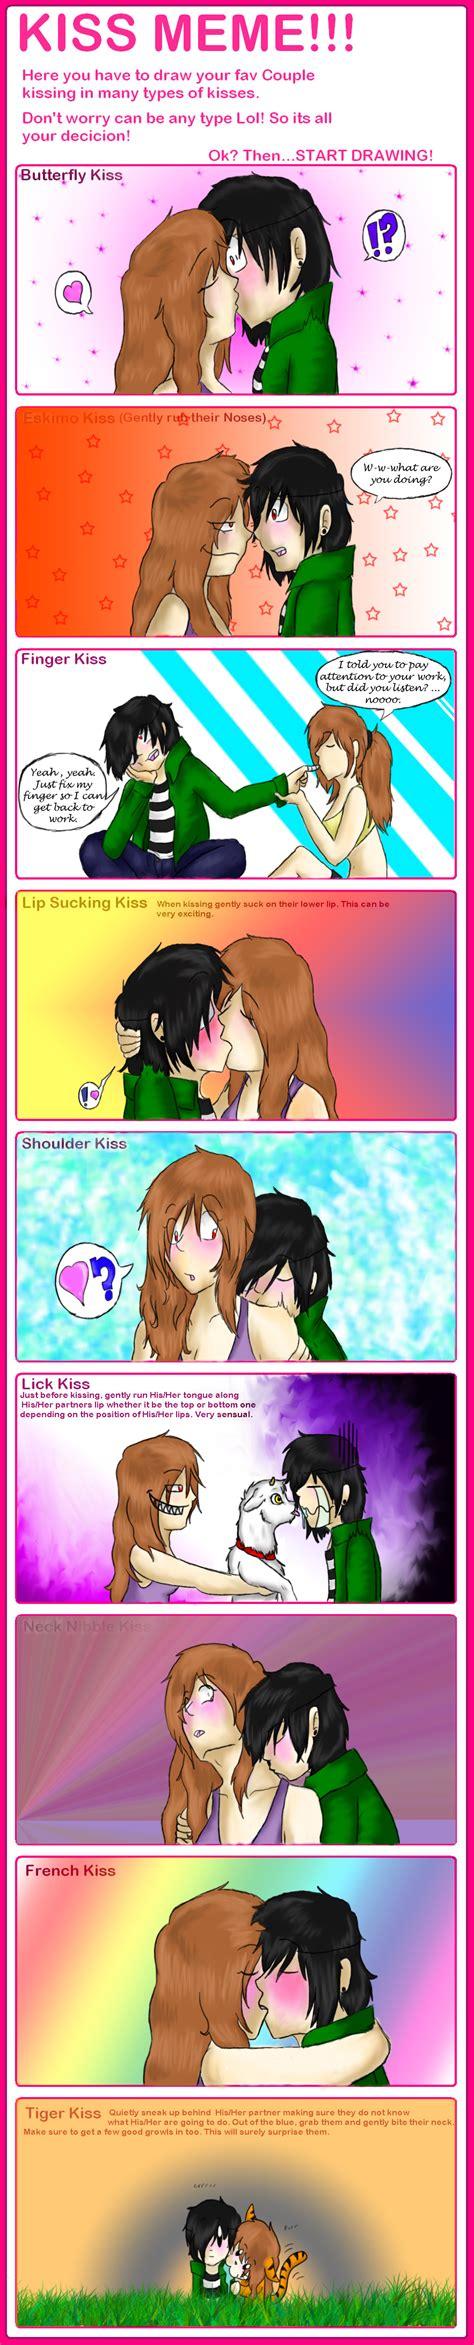 Kiss Memes - ben keera kiss meme by pokemon chick 1 on deviantart